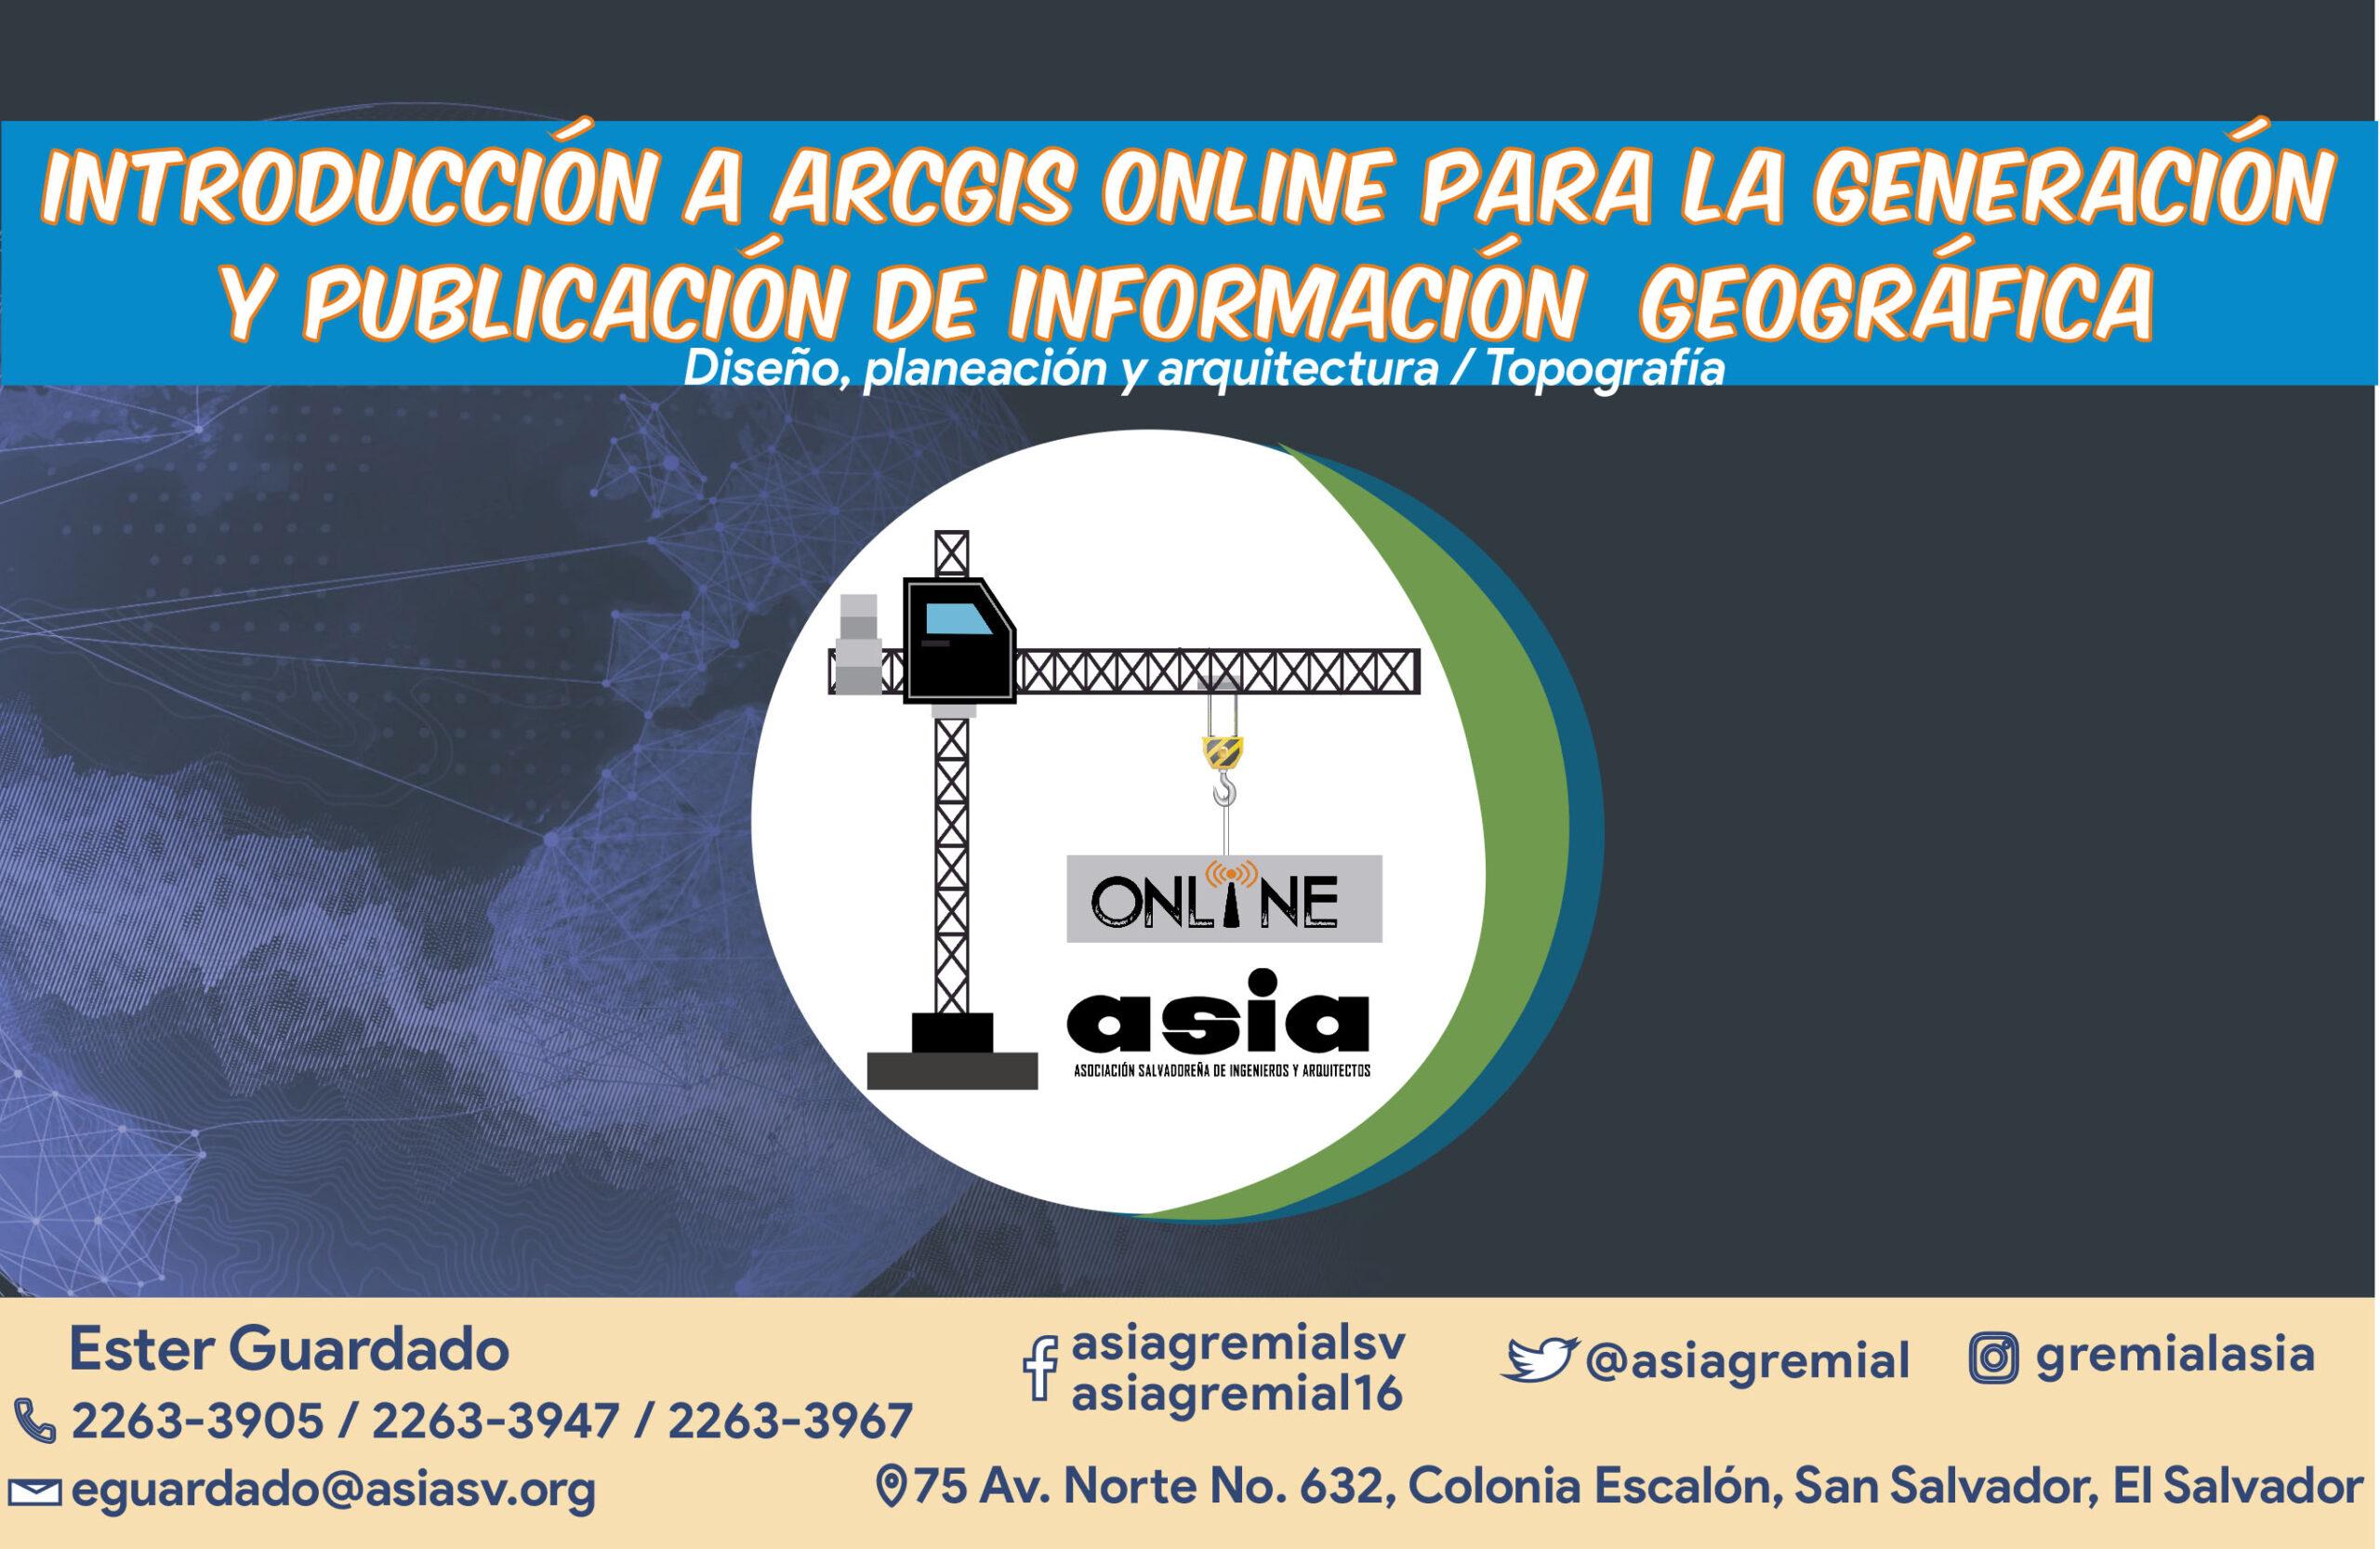 202105 Introducción a ArcGIS Online para la generación y publicación de información geográfica